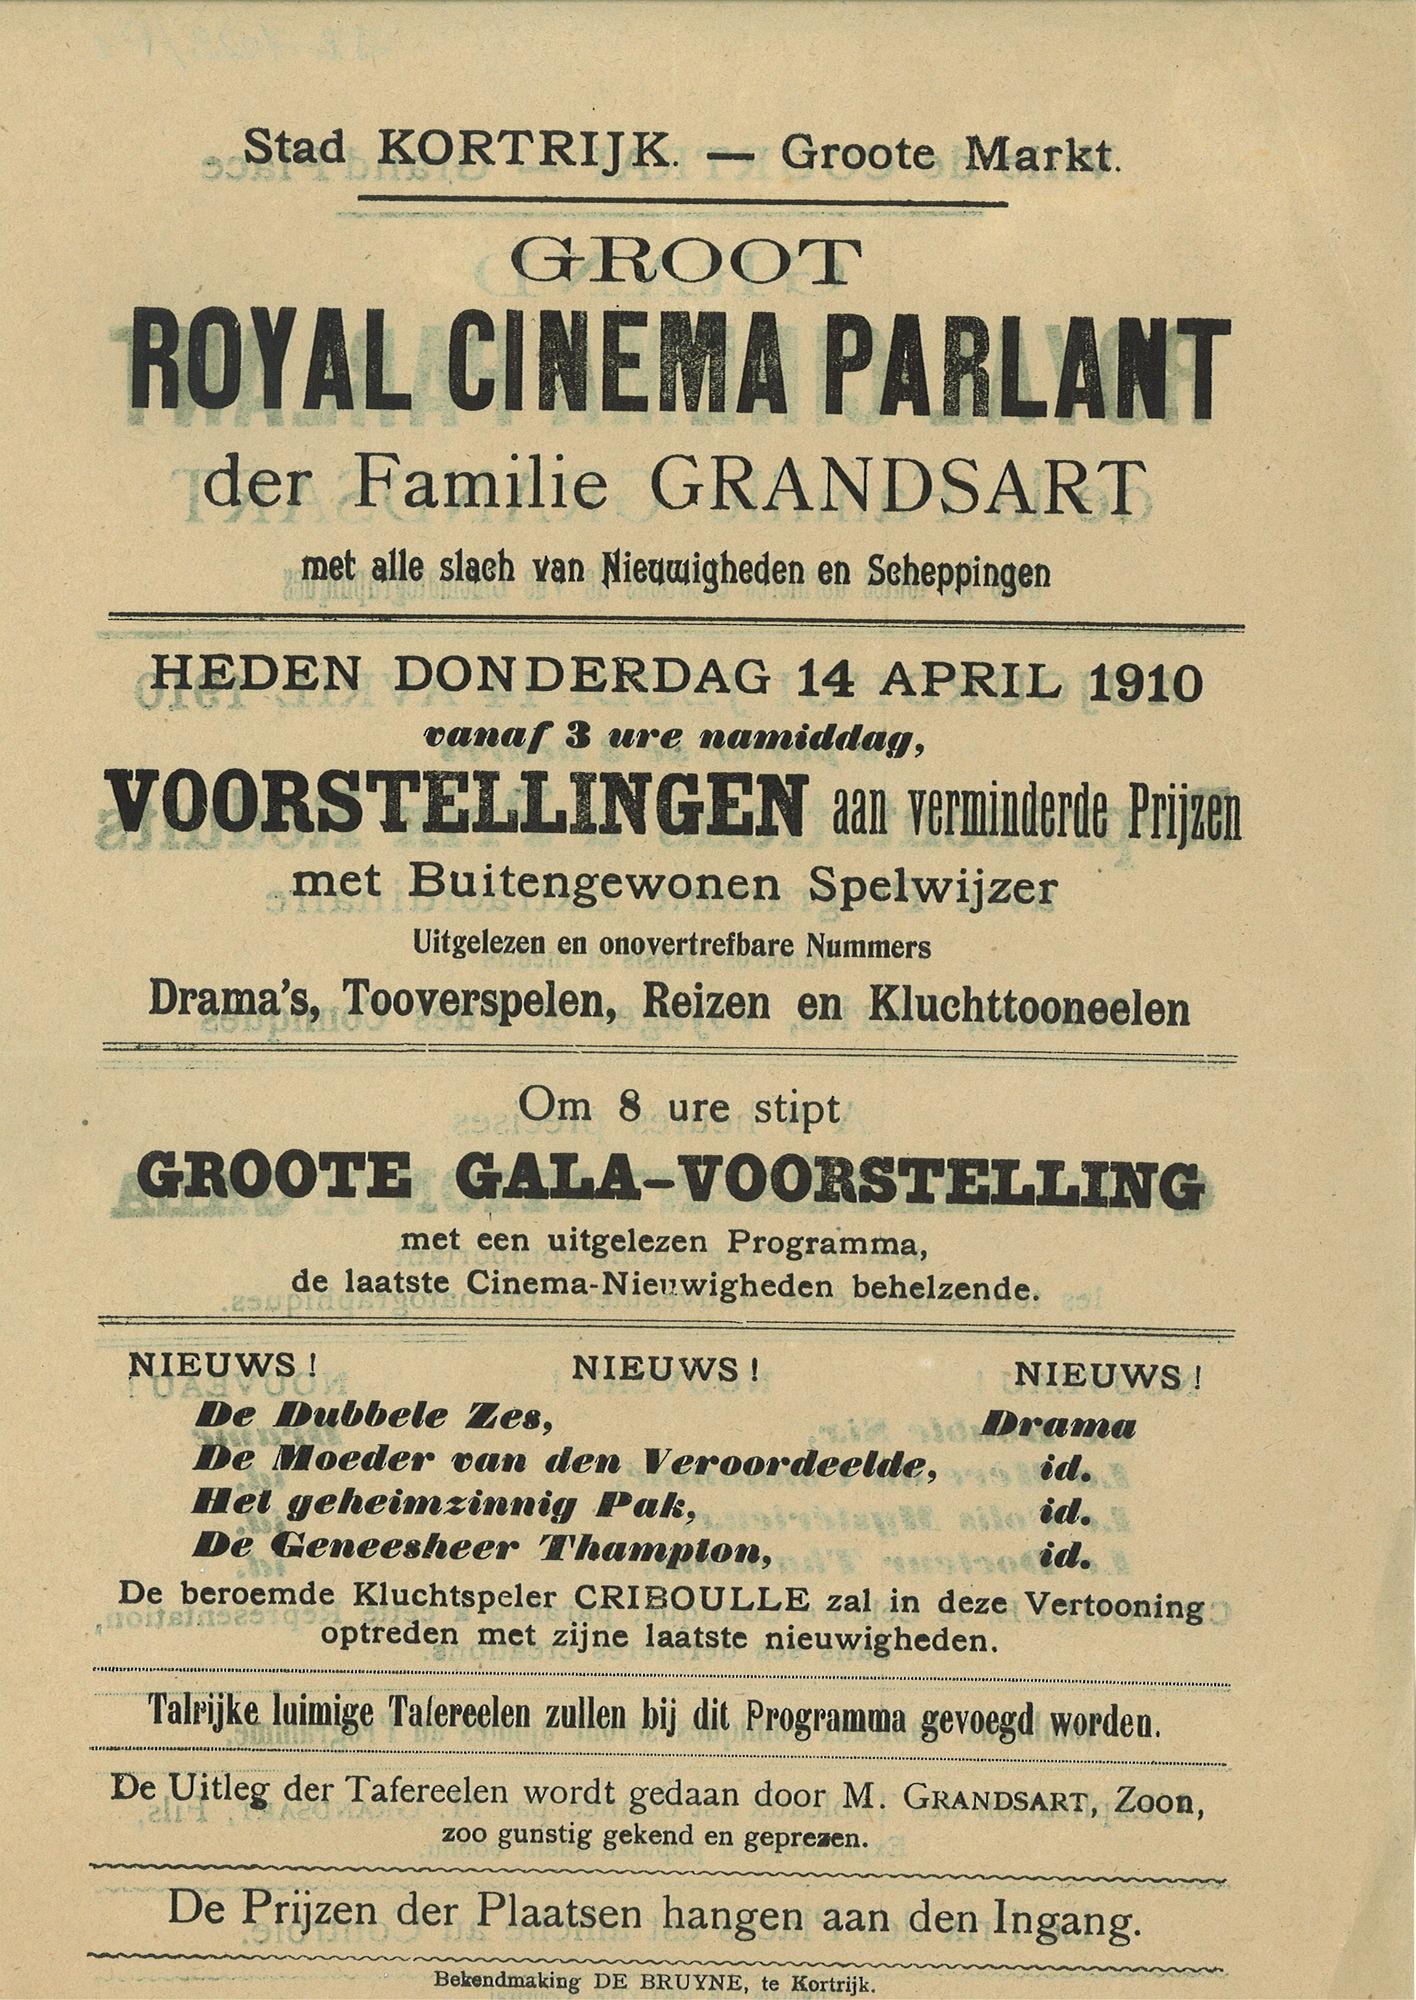 Paasfoor 1910: Cinema Parlant van Grandsart